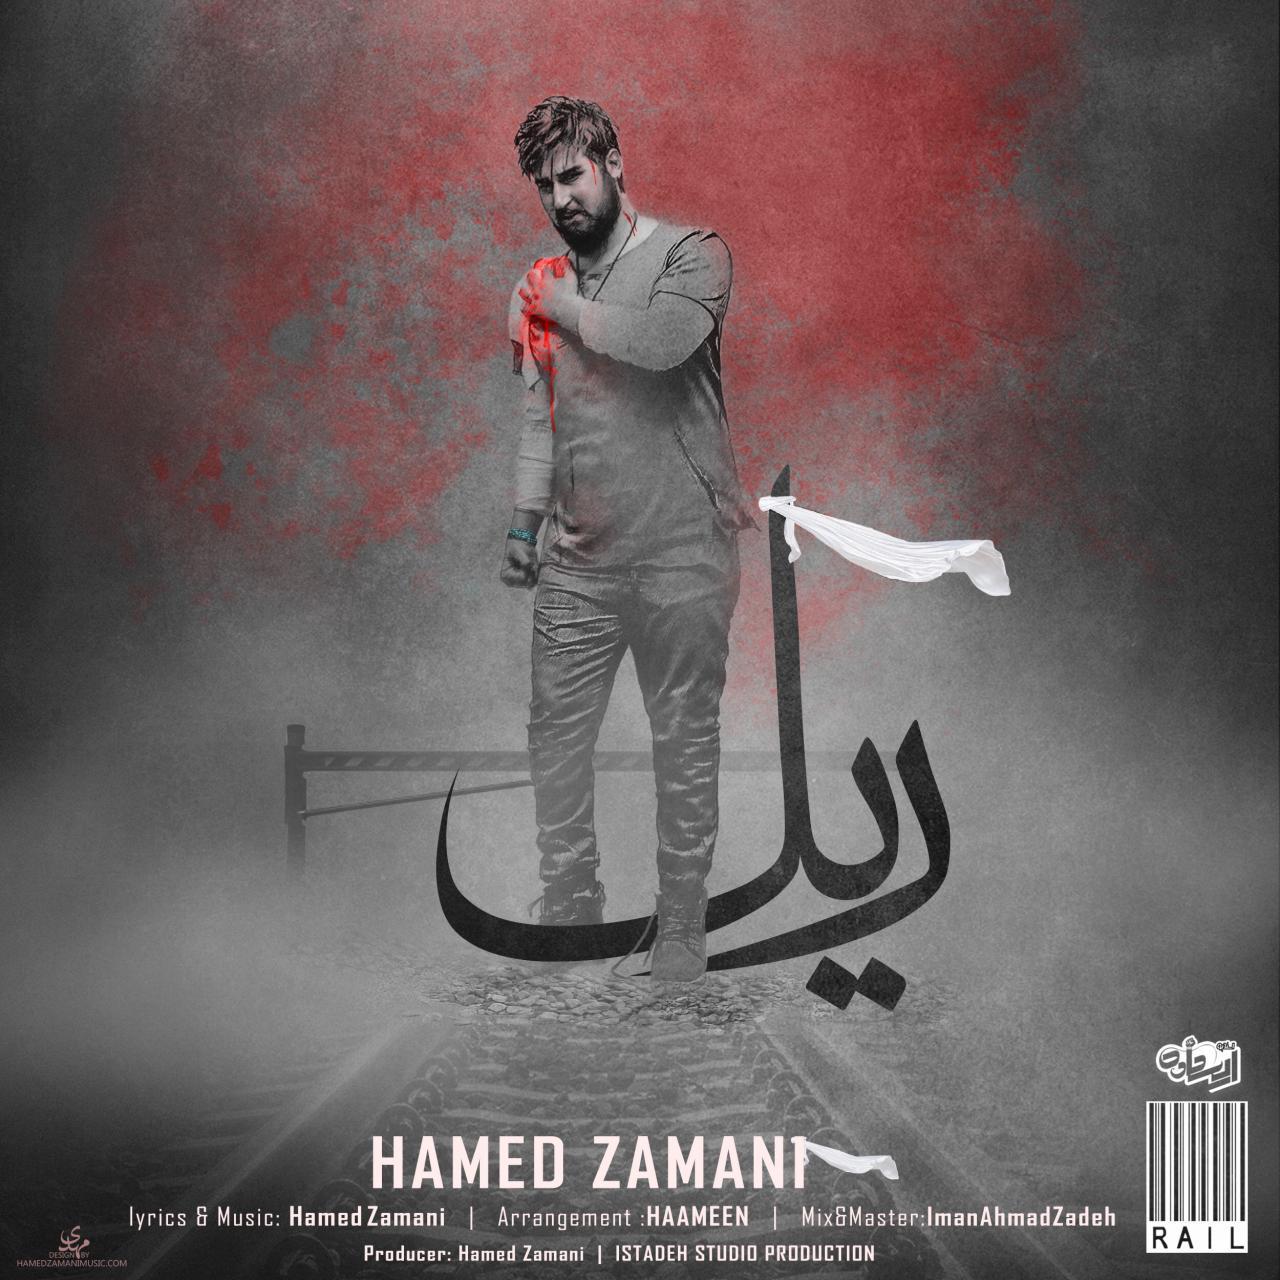 Hamed Zamani – Rail